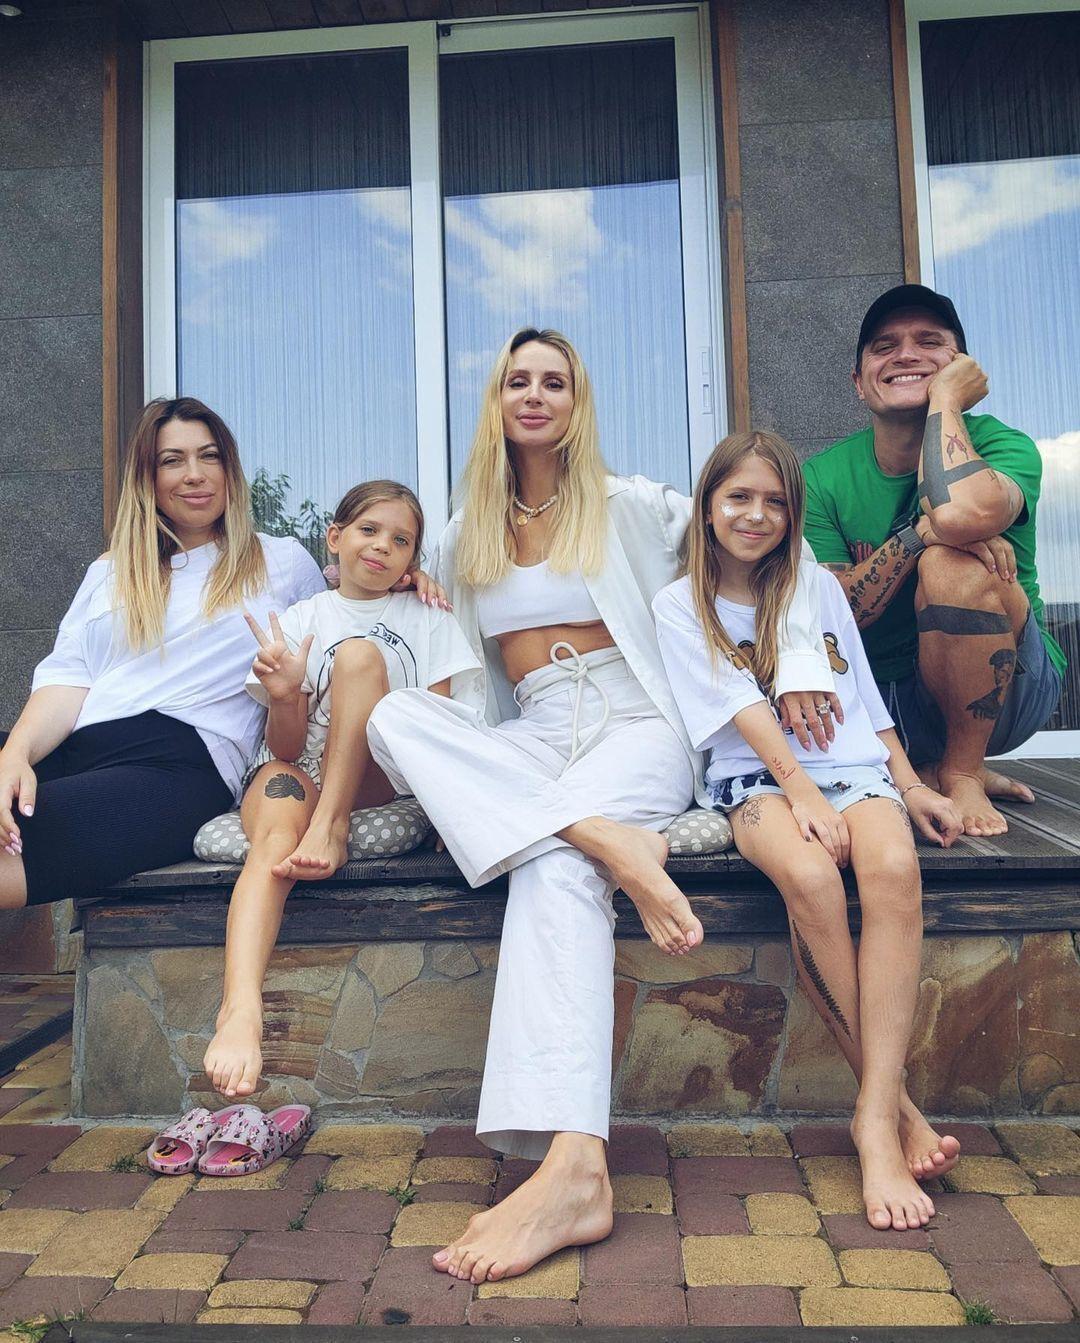 Лобода посетила вечеринку в честь рождения сына Анатолия Анатолича